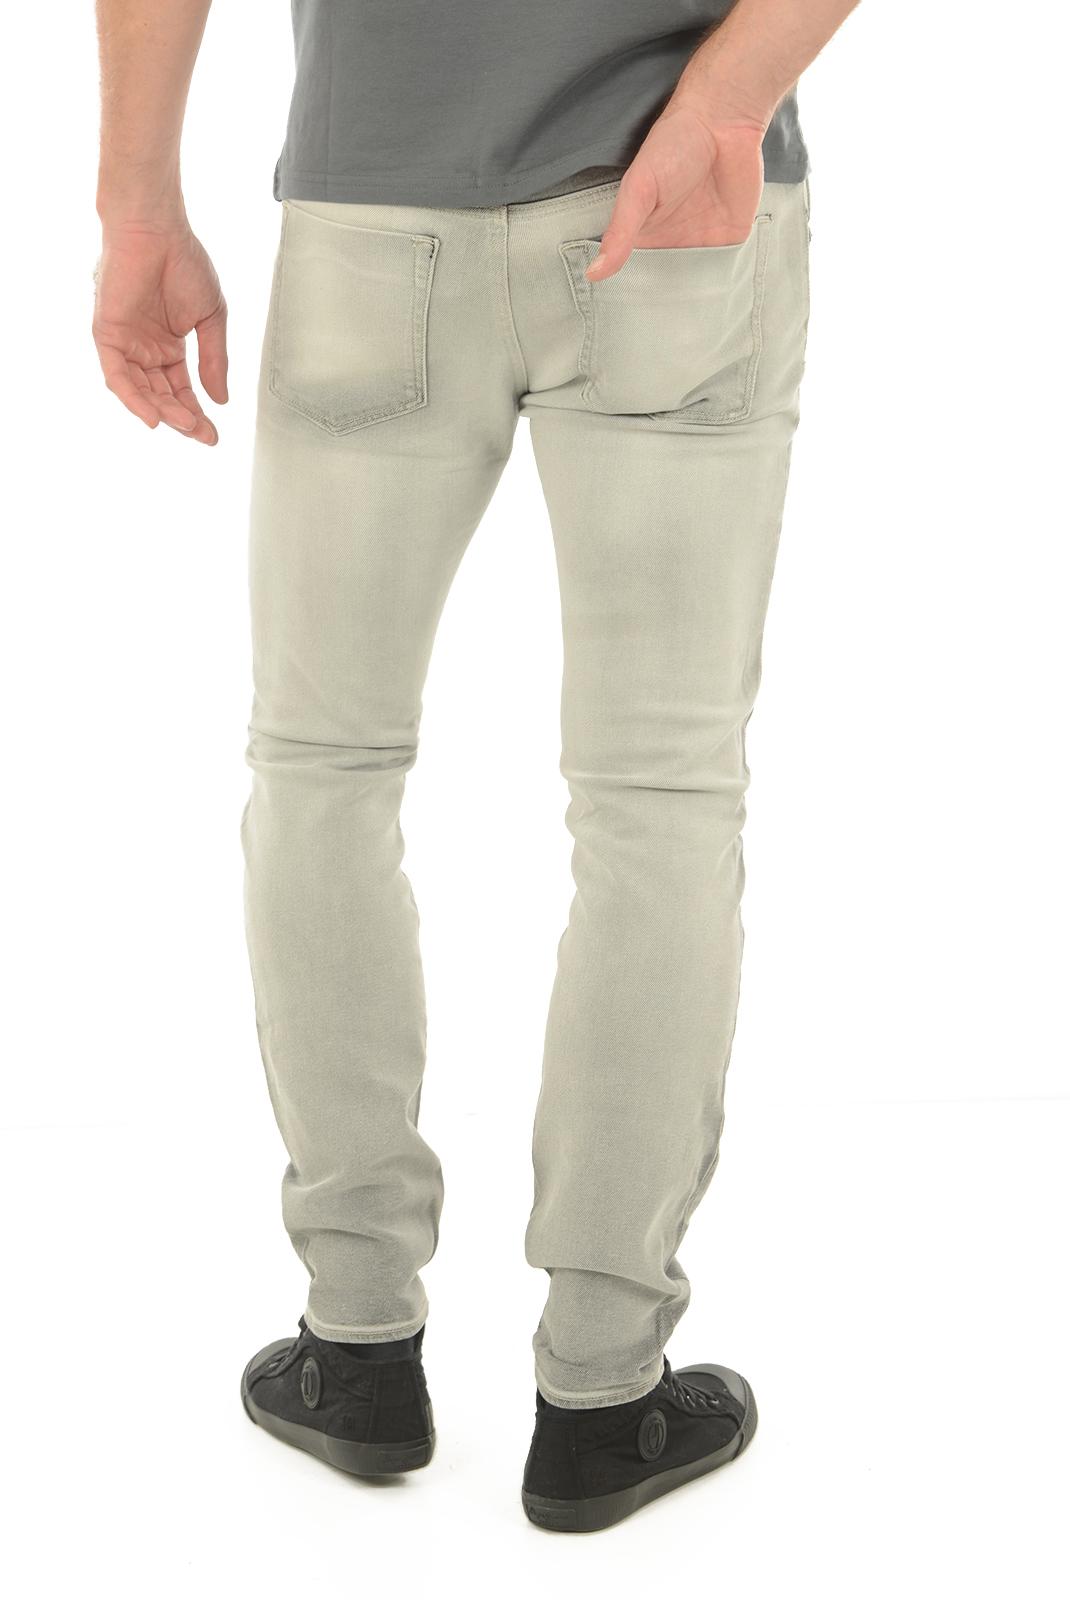 Jeans  Meltin'pot MERET D1573 CH908 NF16 GRIS